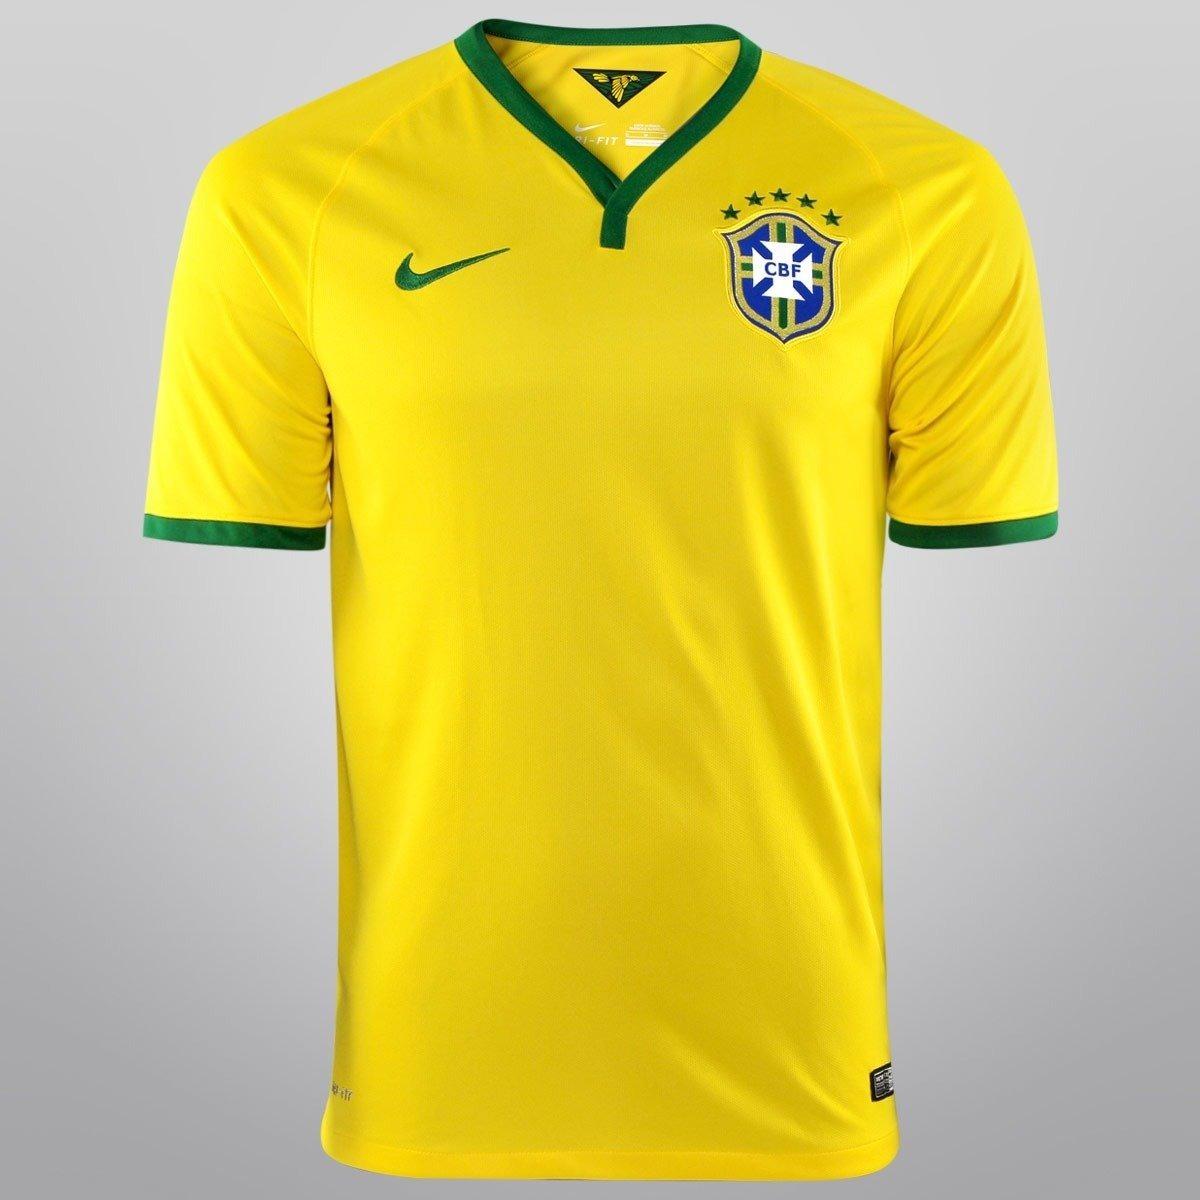 c7749d8773 camisa oficial do brasil copa 2014 amarela oficial fifa nike. Carregando  zoom.